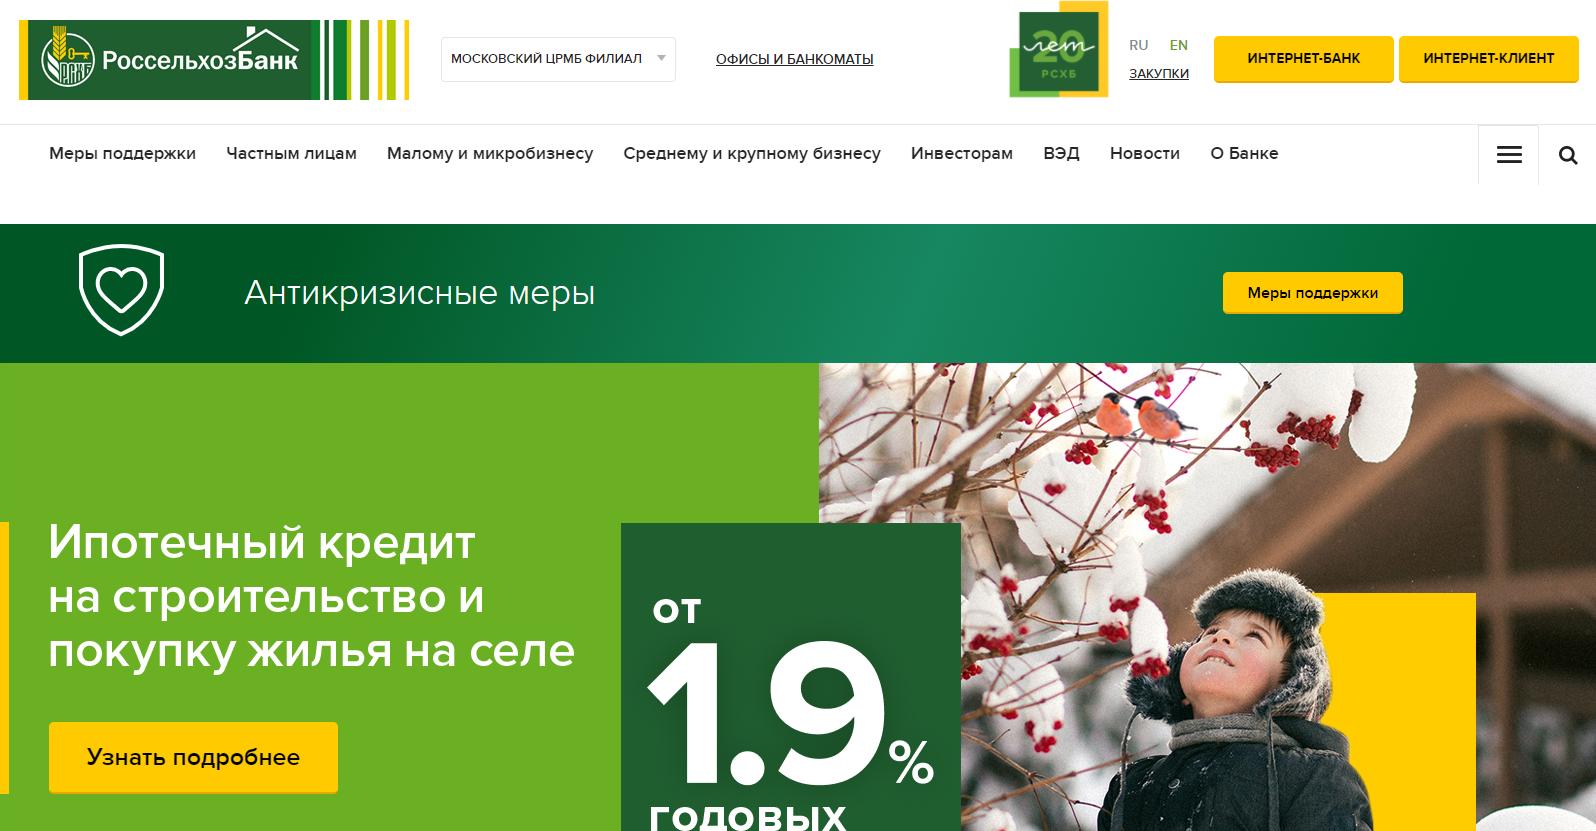 Сайт РоссельхозБанка